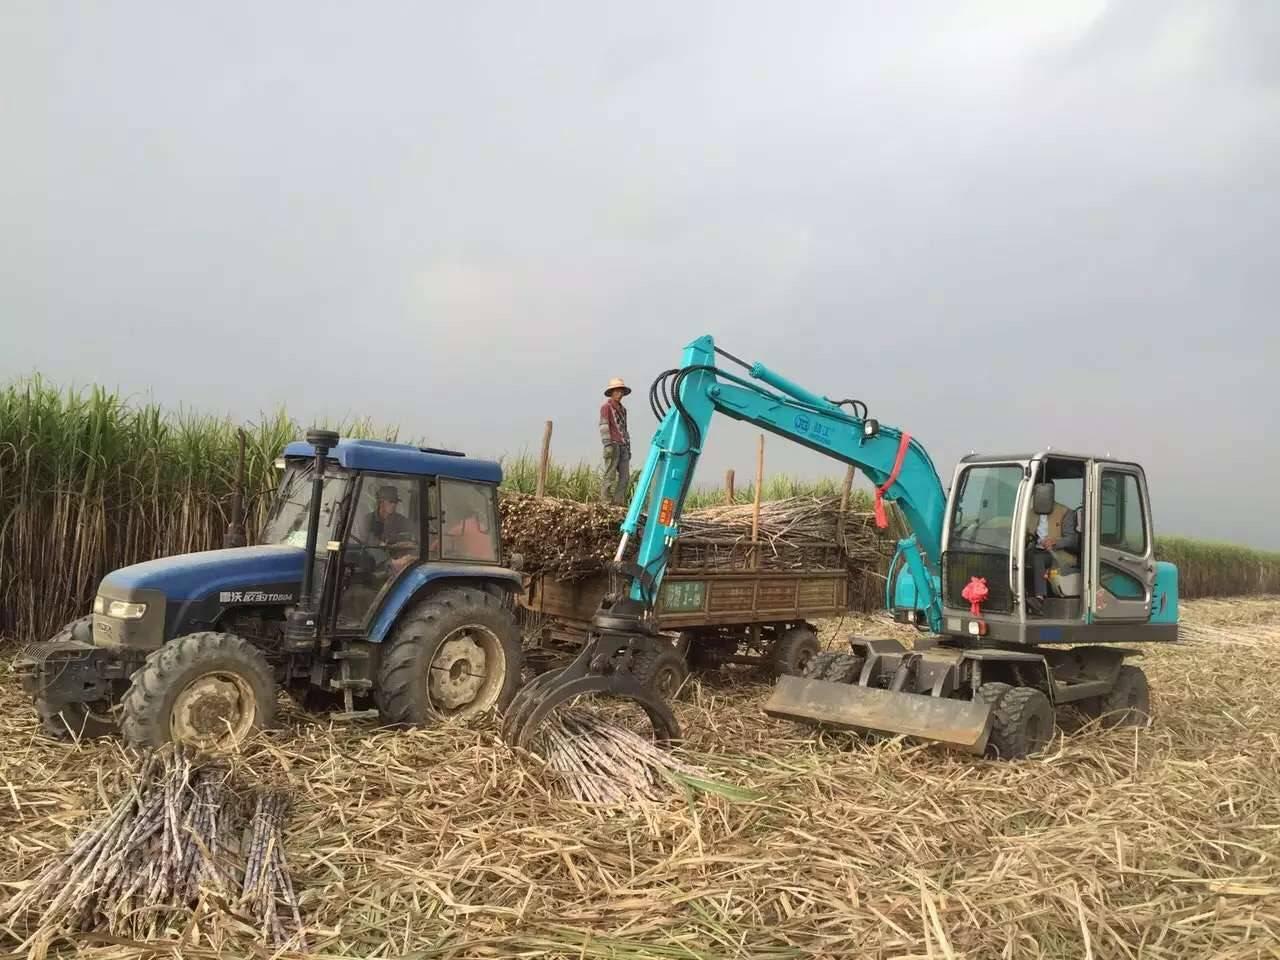 Sugarcane harvester grab loader wheel excavator